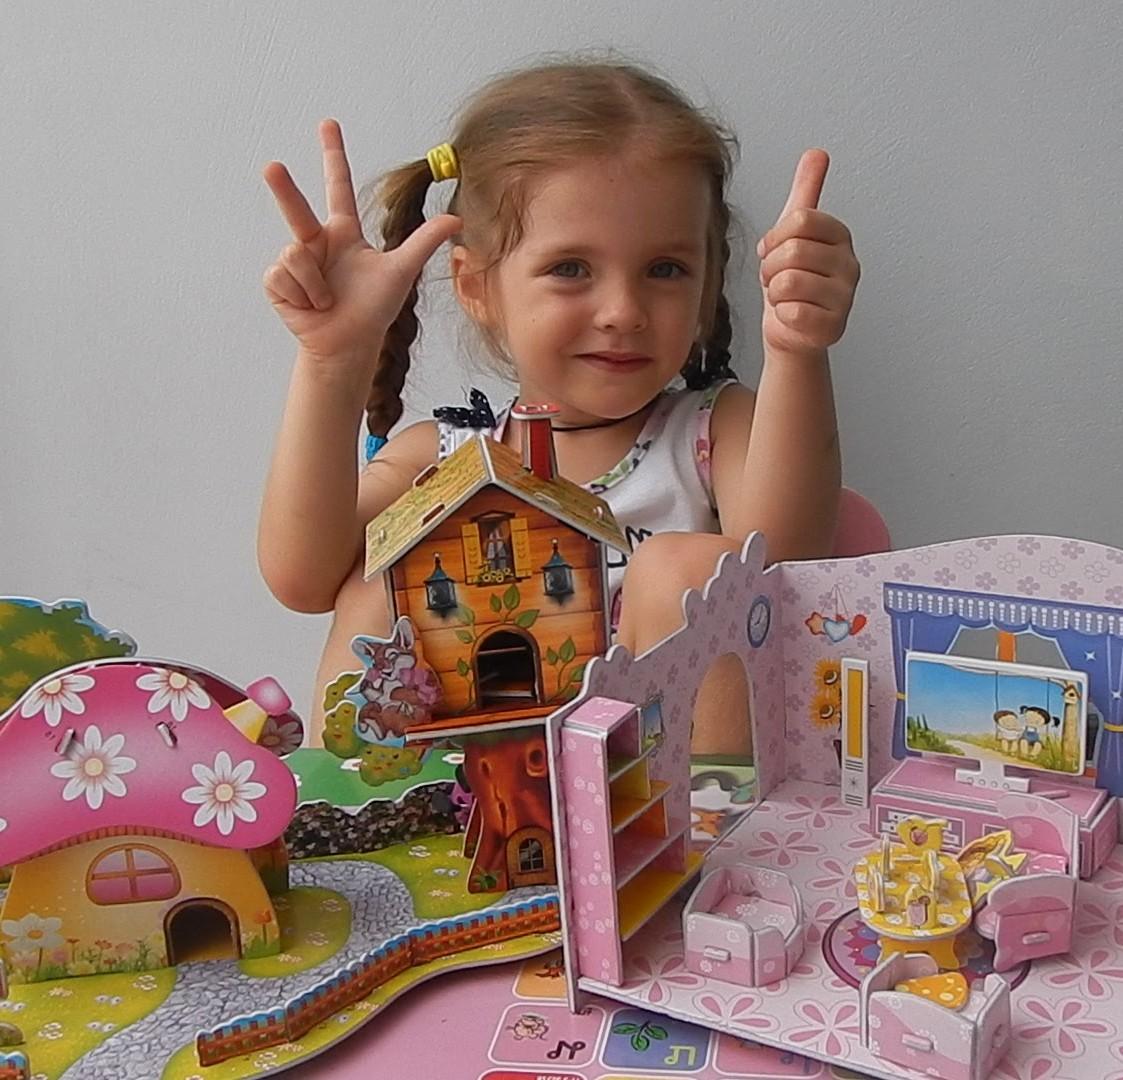 Риелтор поможет проверить квартиру на наличие прописанных в ней детей.